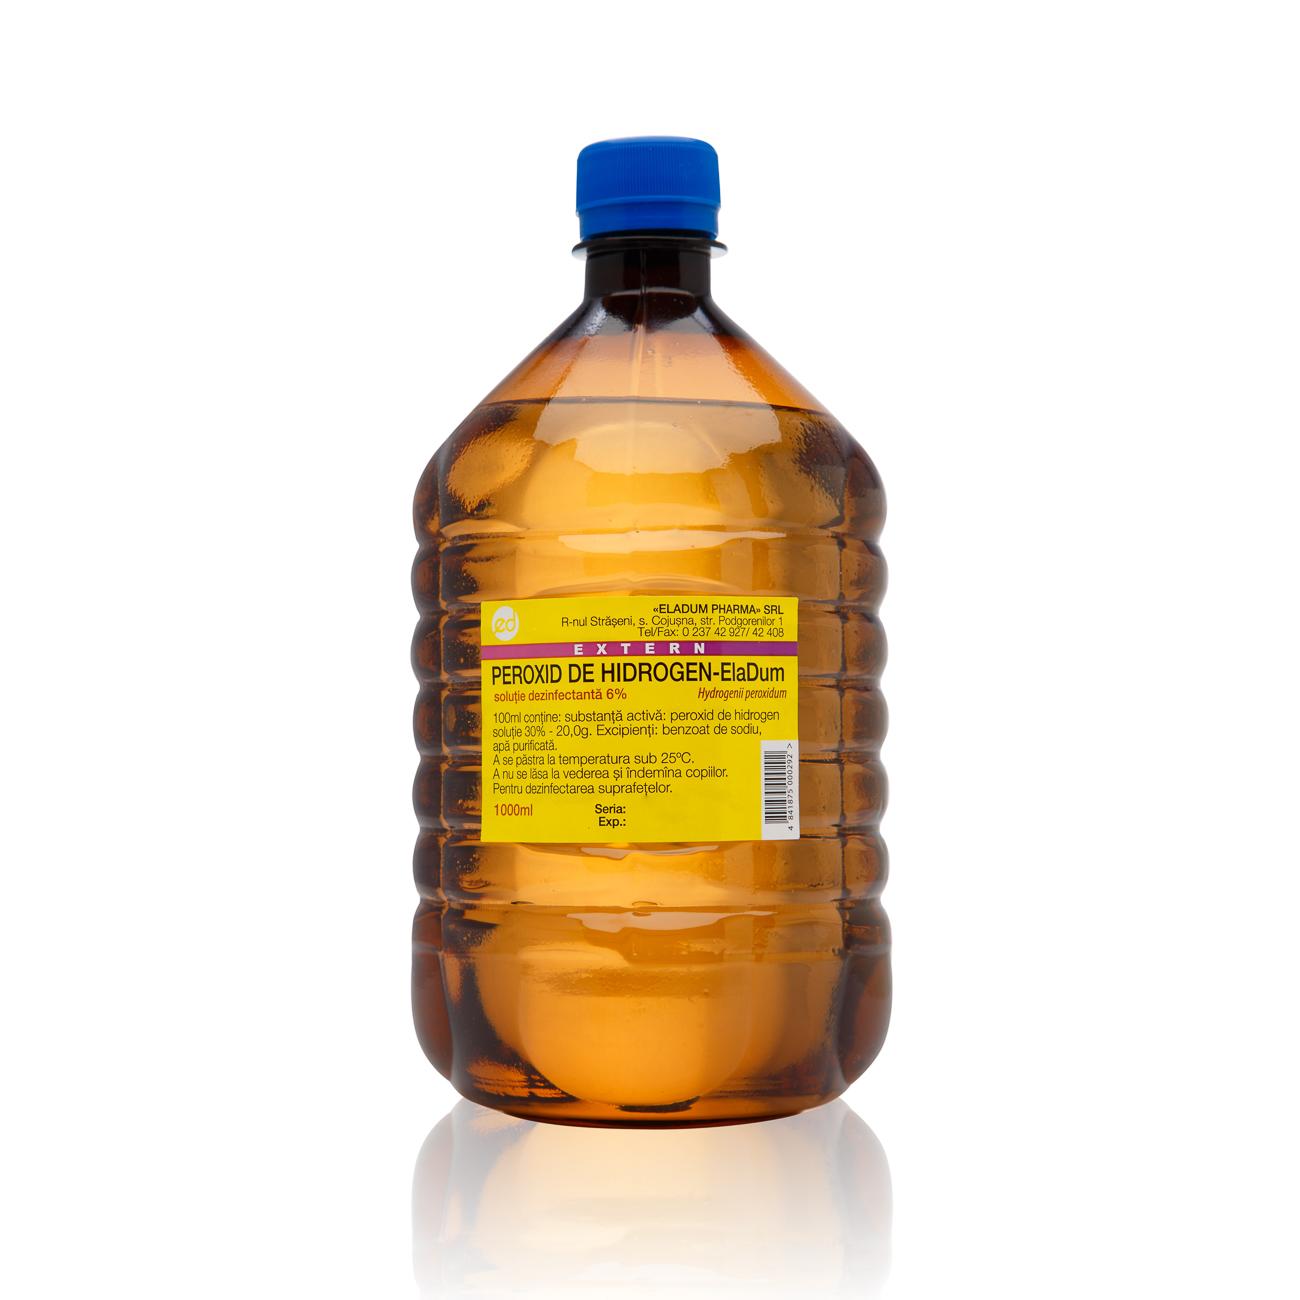 hidrogén-peroxid pikkelysömörrel kezelhetk